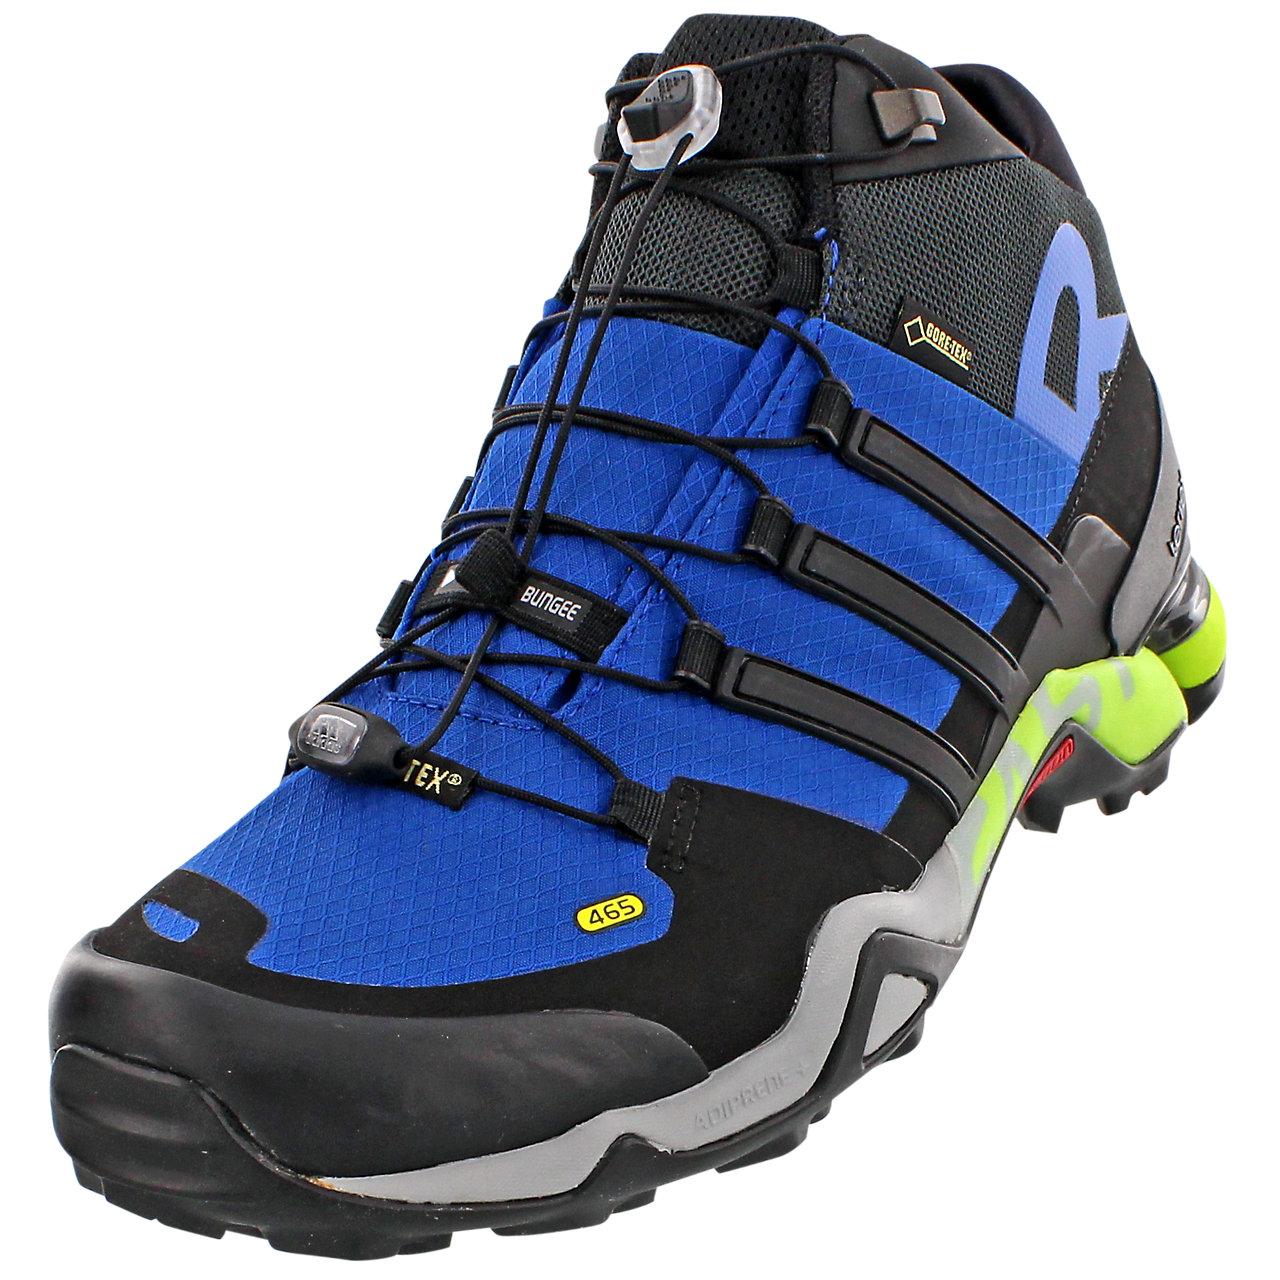 quality design d7e03 a45ef Adidas Terrex Fast Mid GTX in blau © Adidas